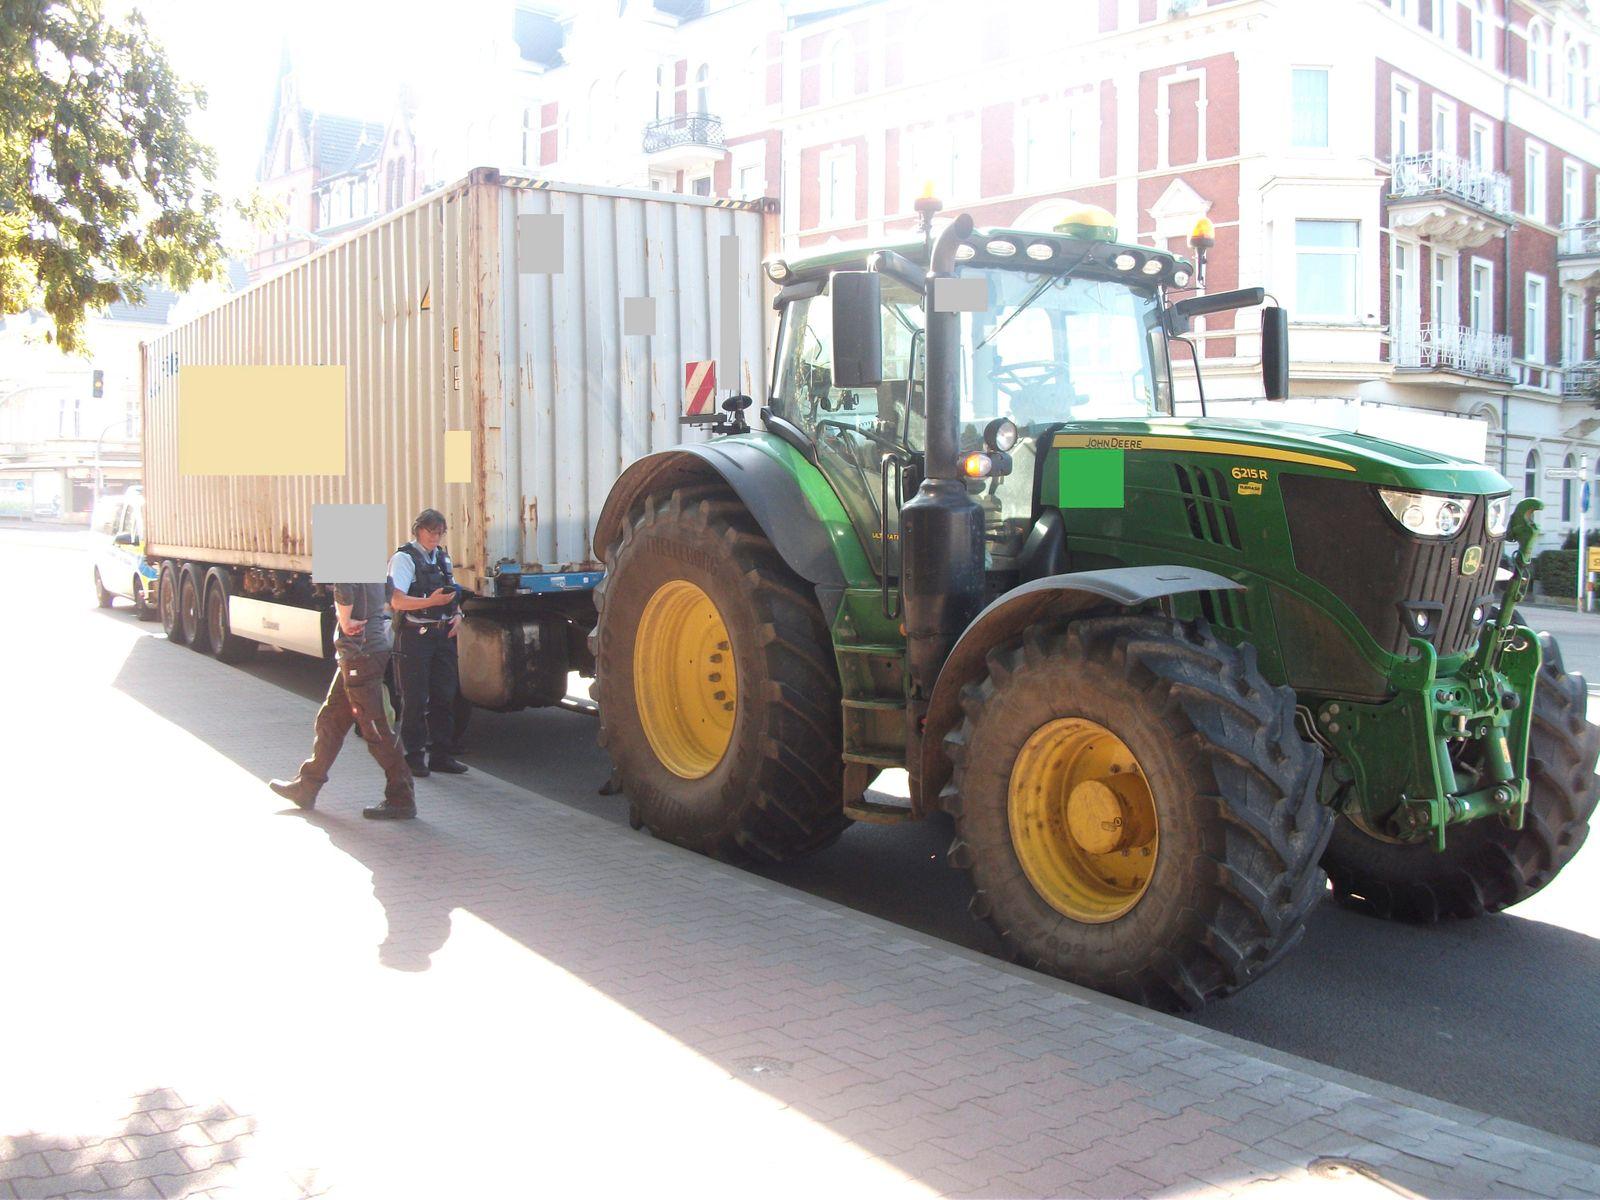 Seecontainer auf Sattelauflieger gezogen - Polizei stoppt Traktor